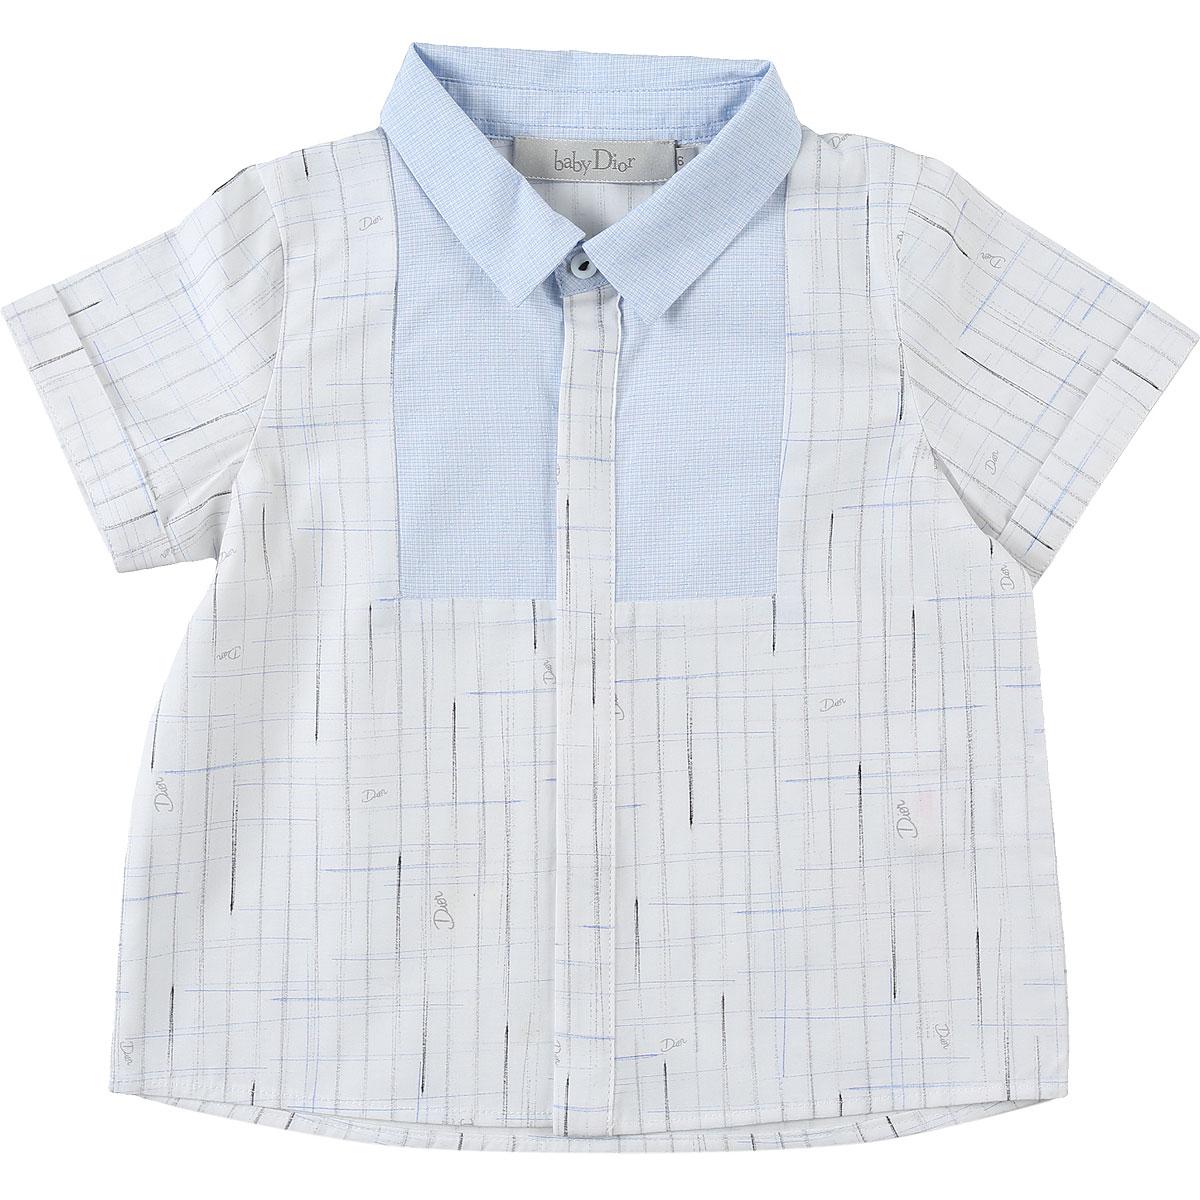 Baby Dior Chemises Bébé pour Garçon, Blanc, Coton, 2017, 12M 18M 2Y 3Y 6M 9M